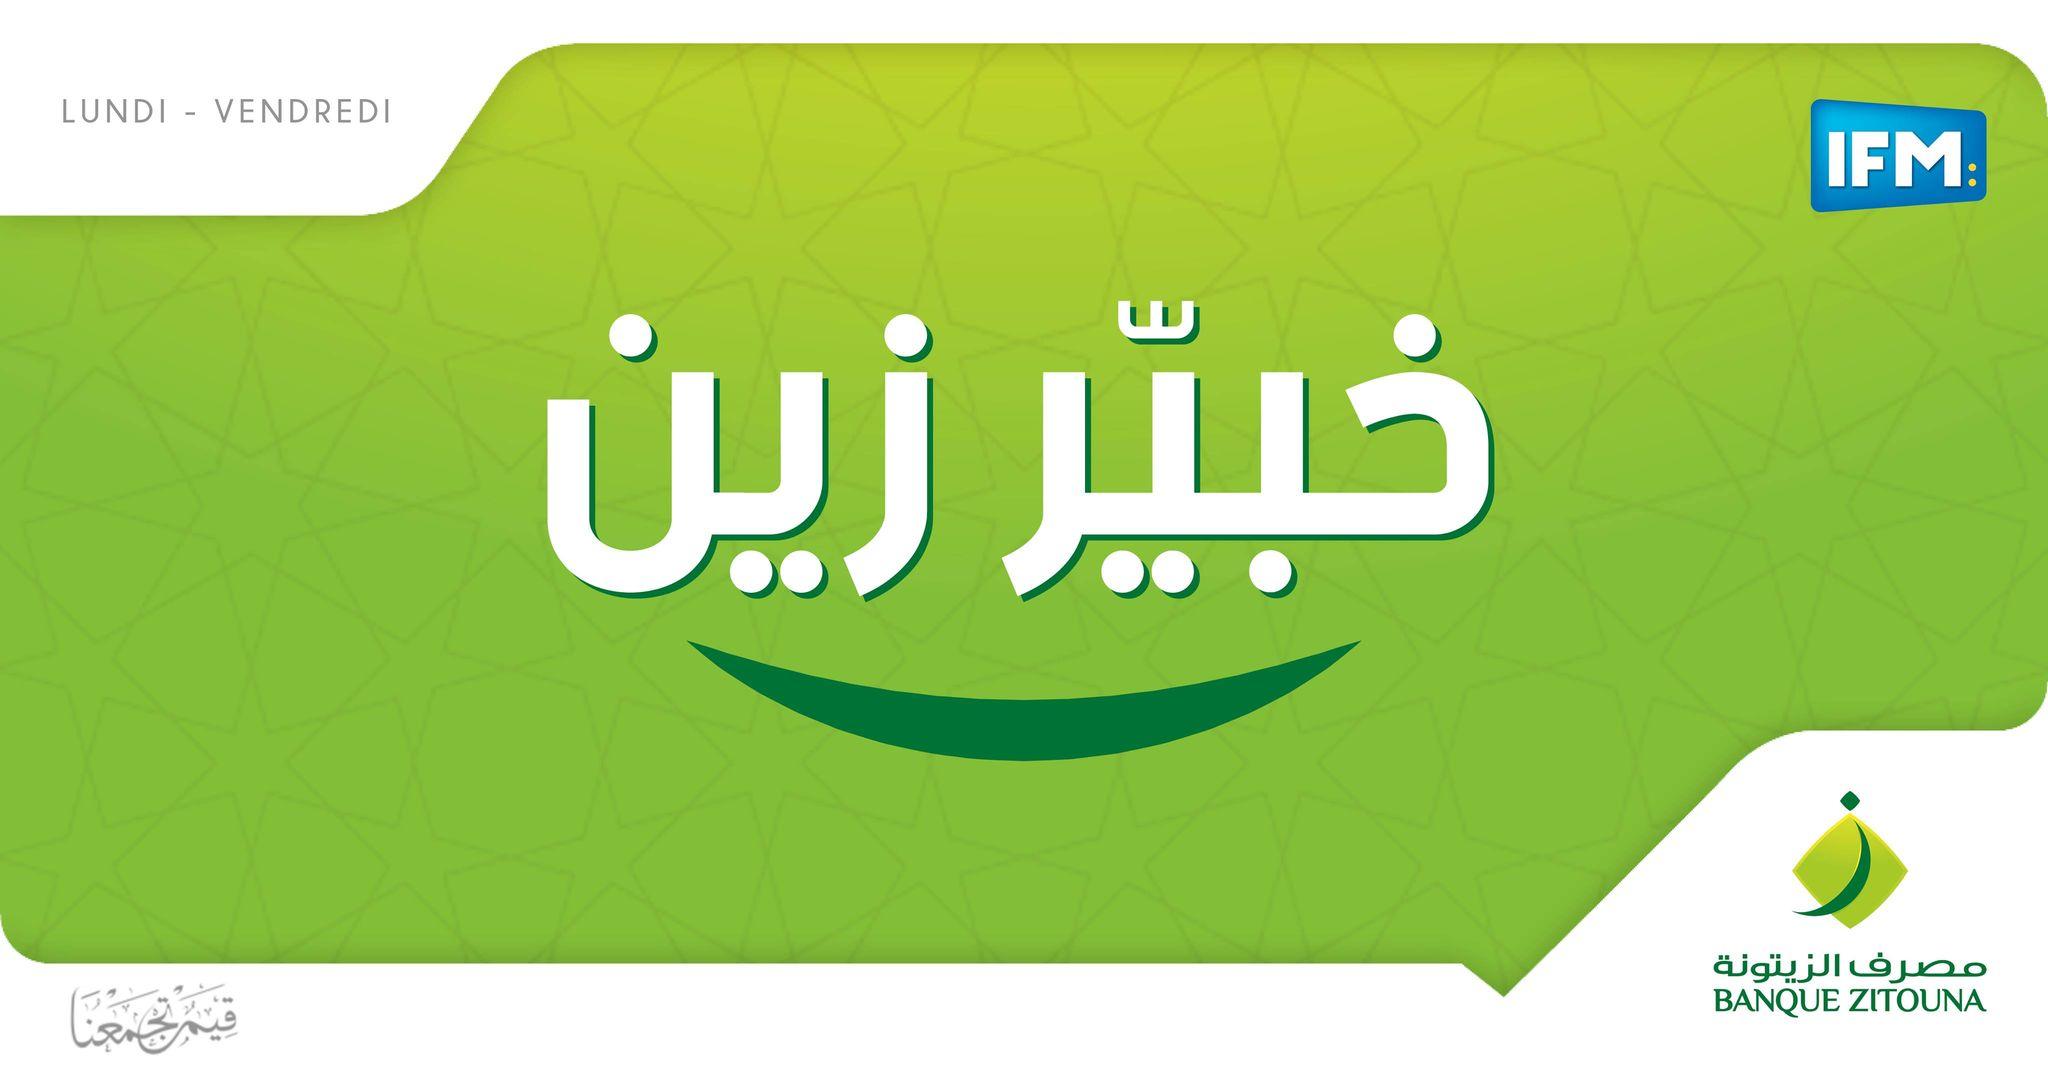 راف ماغ 🌿خبيّر زين مع مصرف الزيتونة🌿               L'Open sky  باش تكون عندو انعكاسات مباشرة على الإقتصاد التونسي وخاصة قطاع السياحة